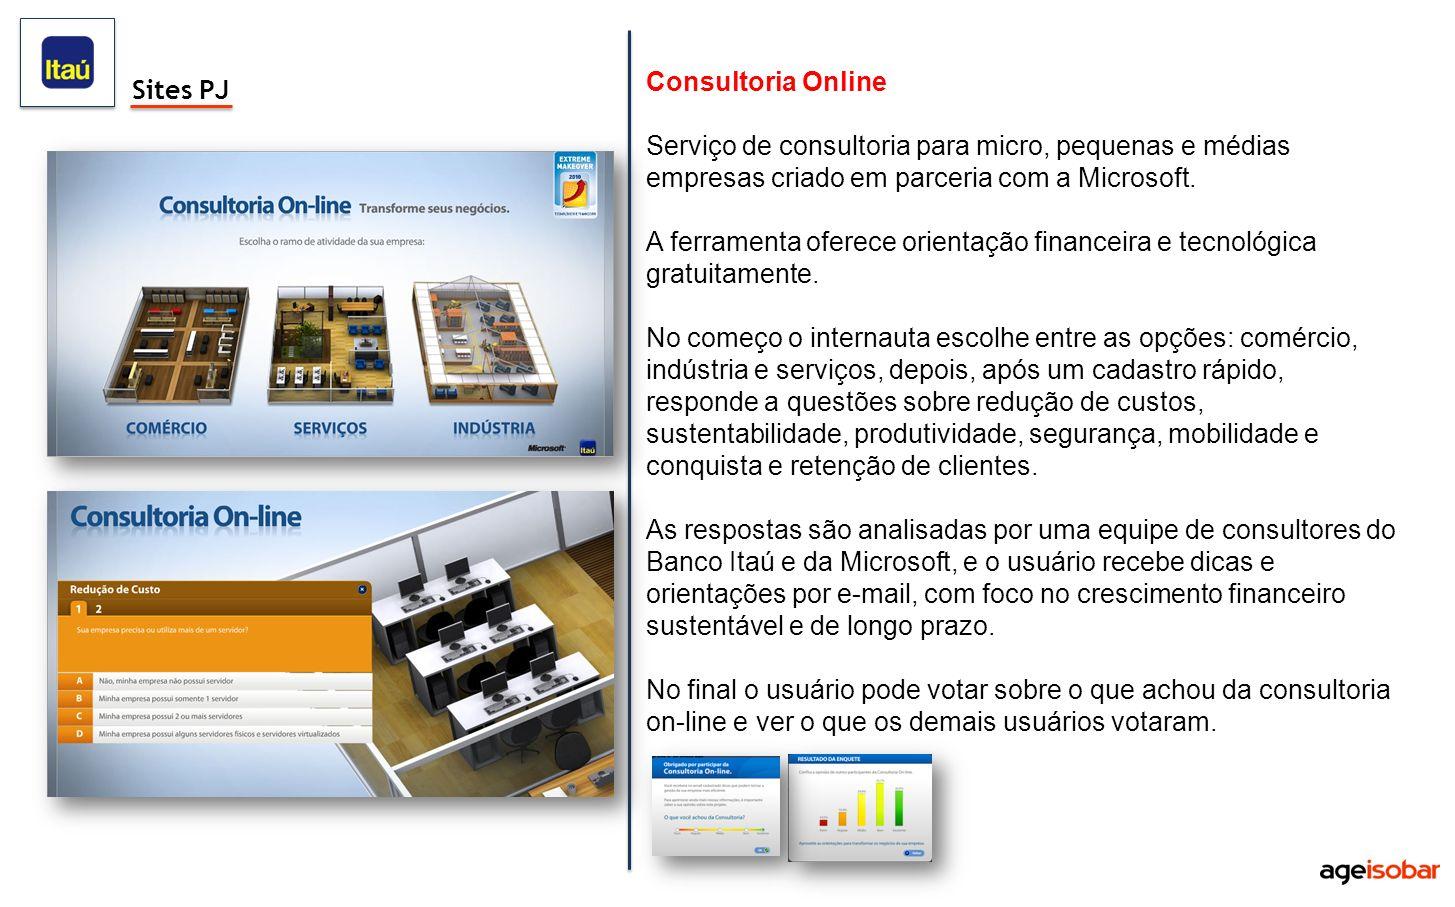 Consultoria Online Serviço de consultoria para micro, pequenas e médias empresas criado em parceria com a Microsoft.